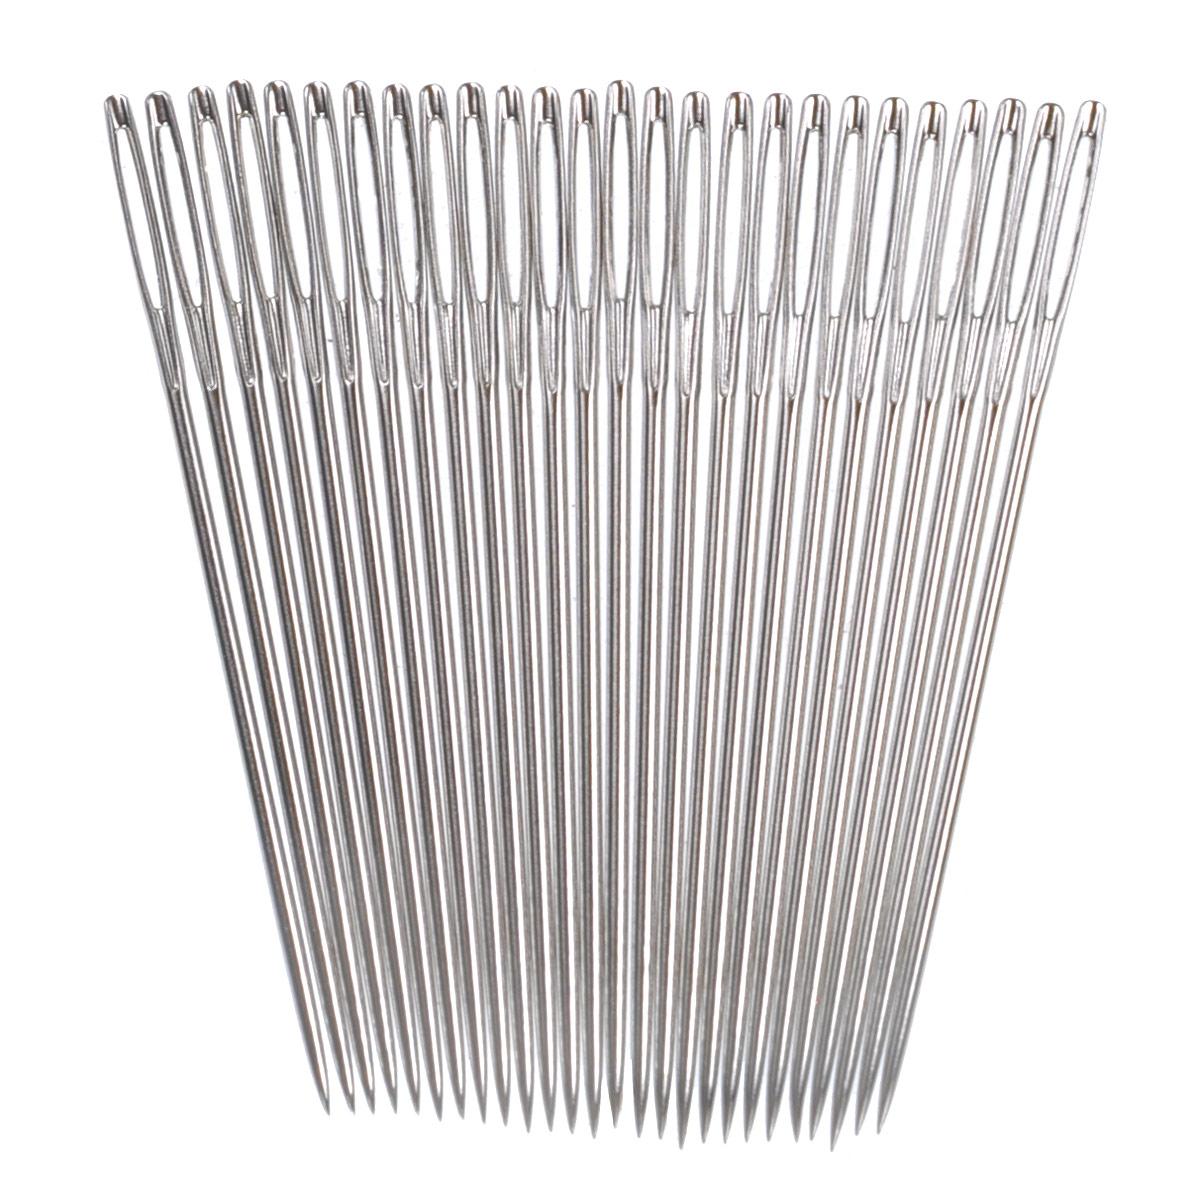 Иглы ручные Prym, для вышивки с острием, №20, 25 шт124135Ручные иглы Prym, изготовленные из стали, предназначены для вышивки по ткани. Иглы имеют острие и ушко.